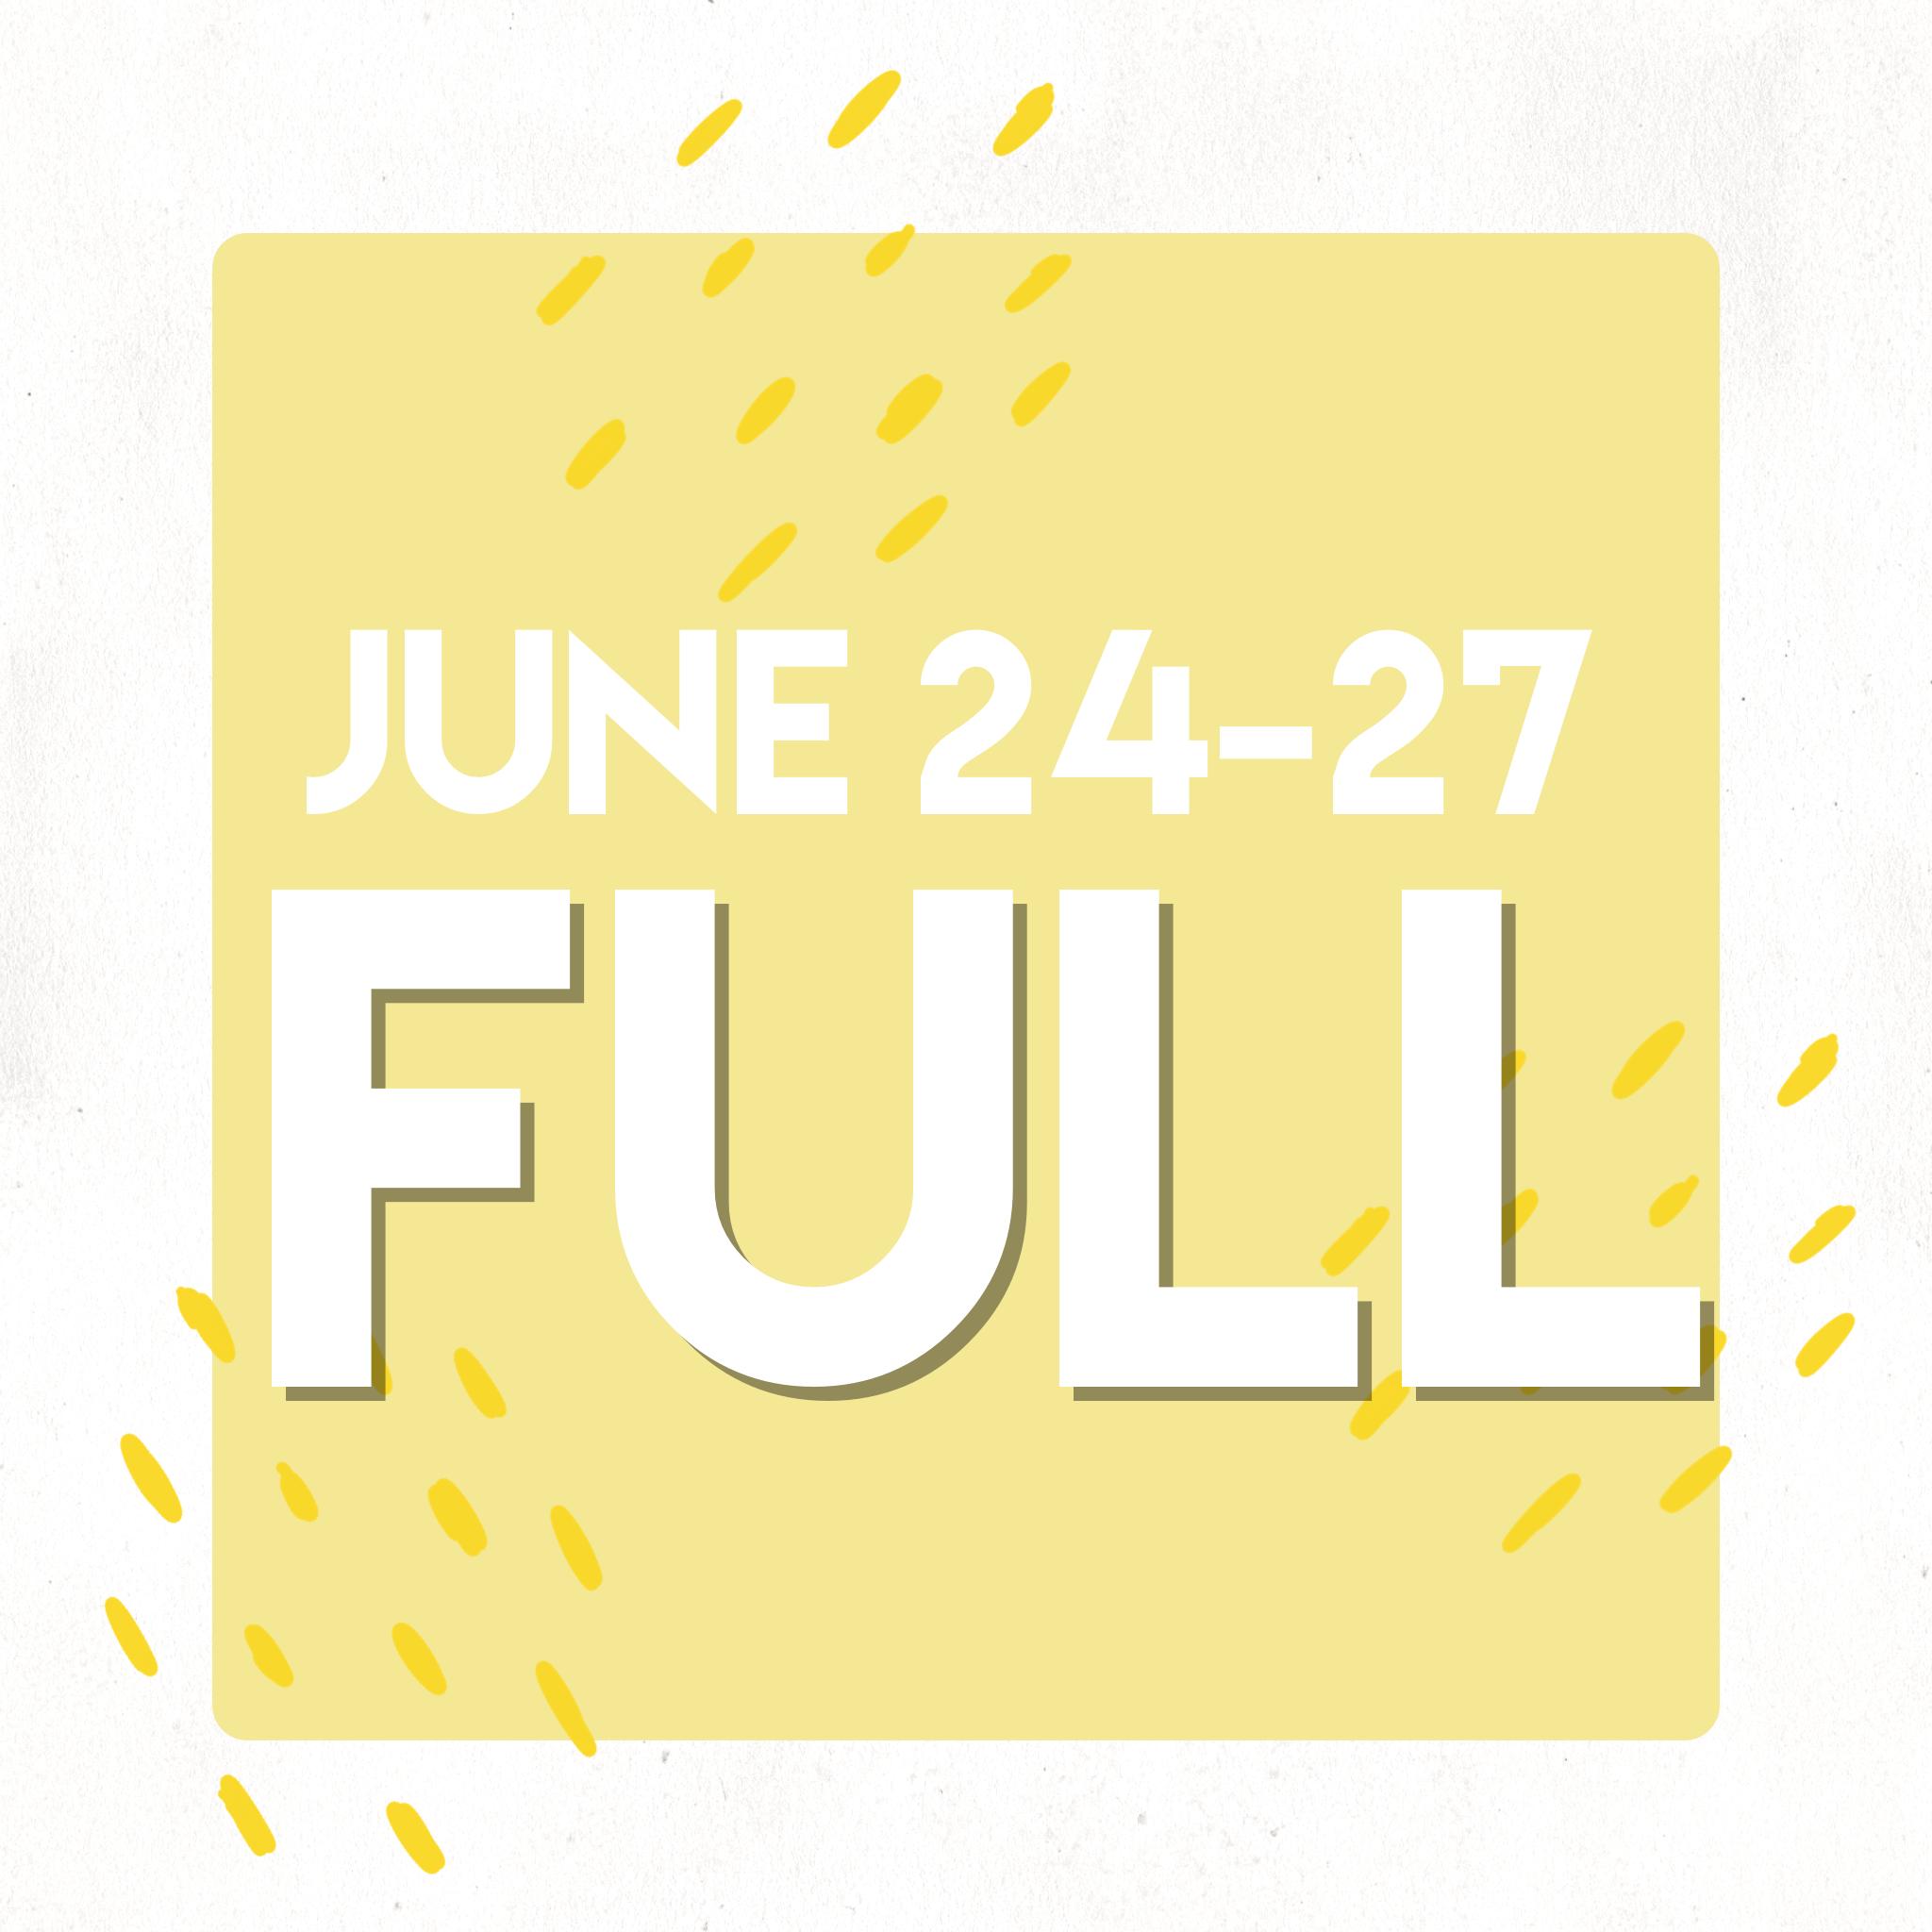 June 24 - 27 WATER - FULL -